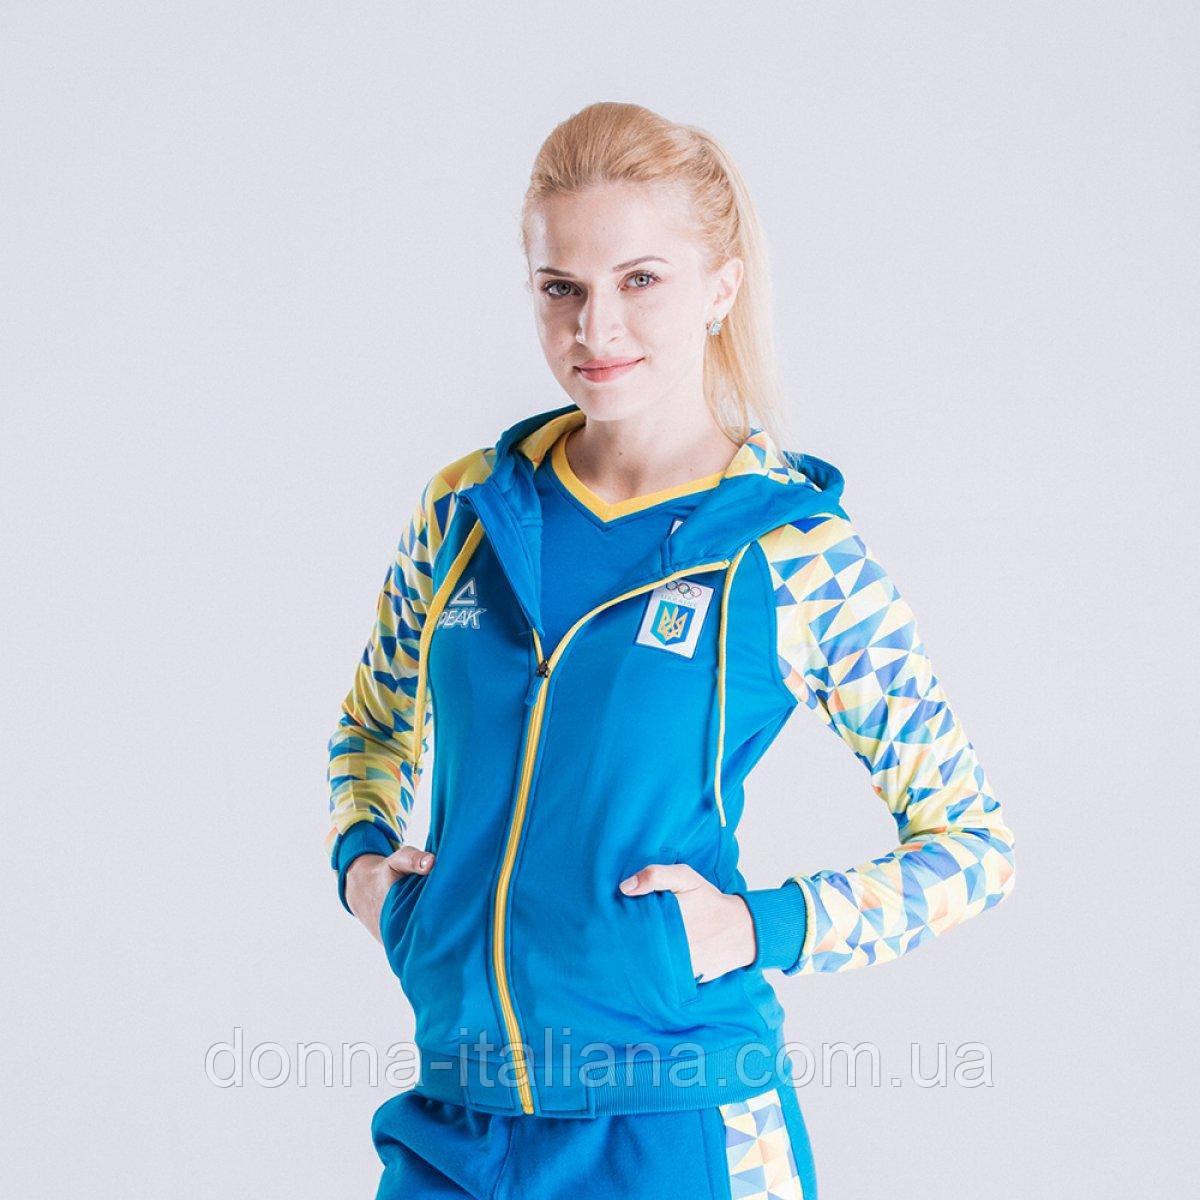 Толстовка женская Peak FS-UW1606NOK-BLU 5XL Голубой (2000129000019)